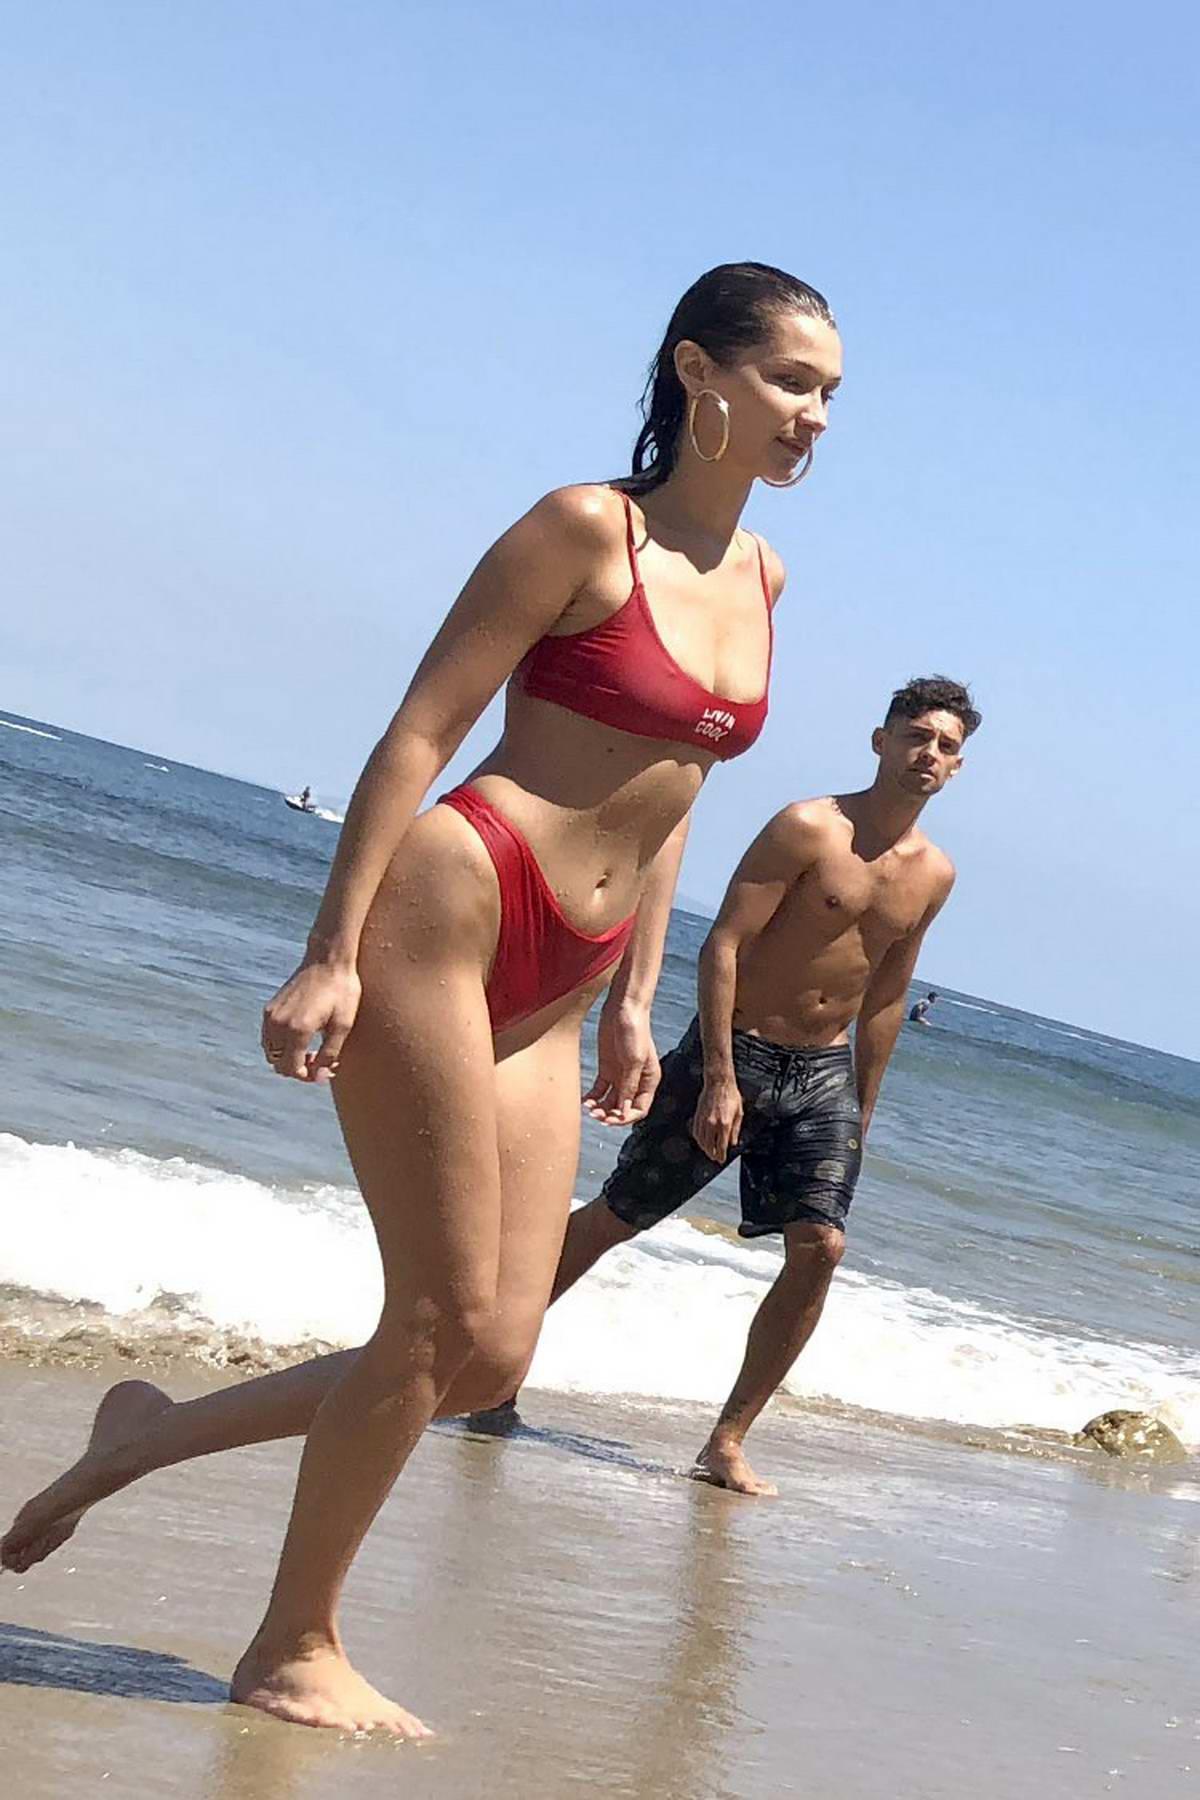 Bella Hadid goes for swim wearing a red bikini on 04th of July in Malibu, California